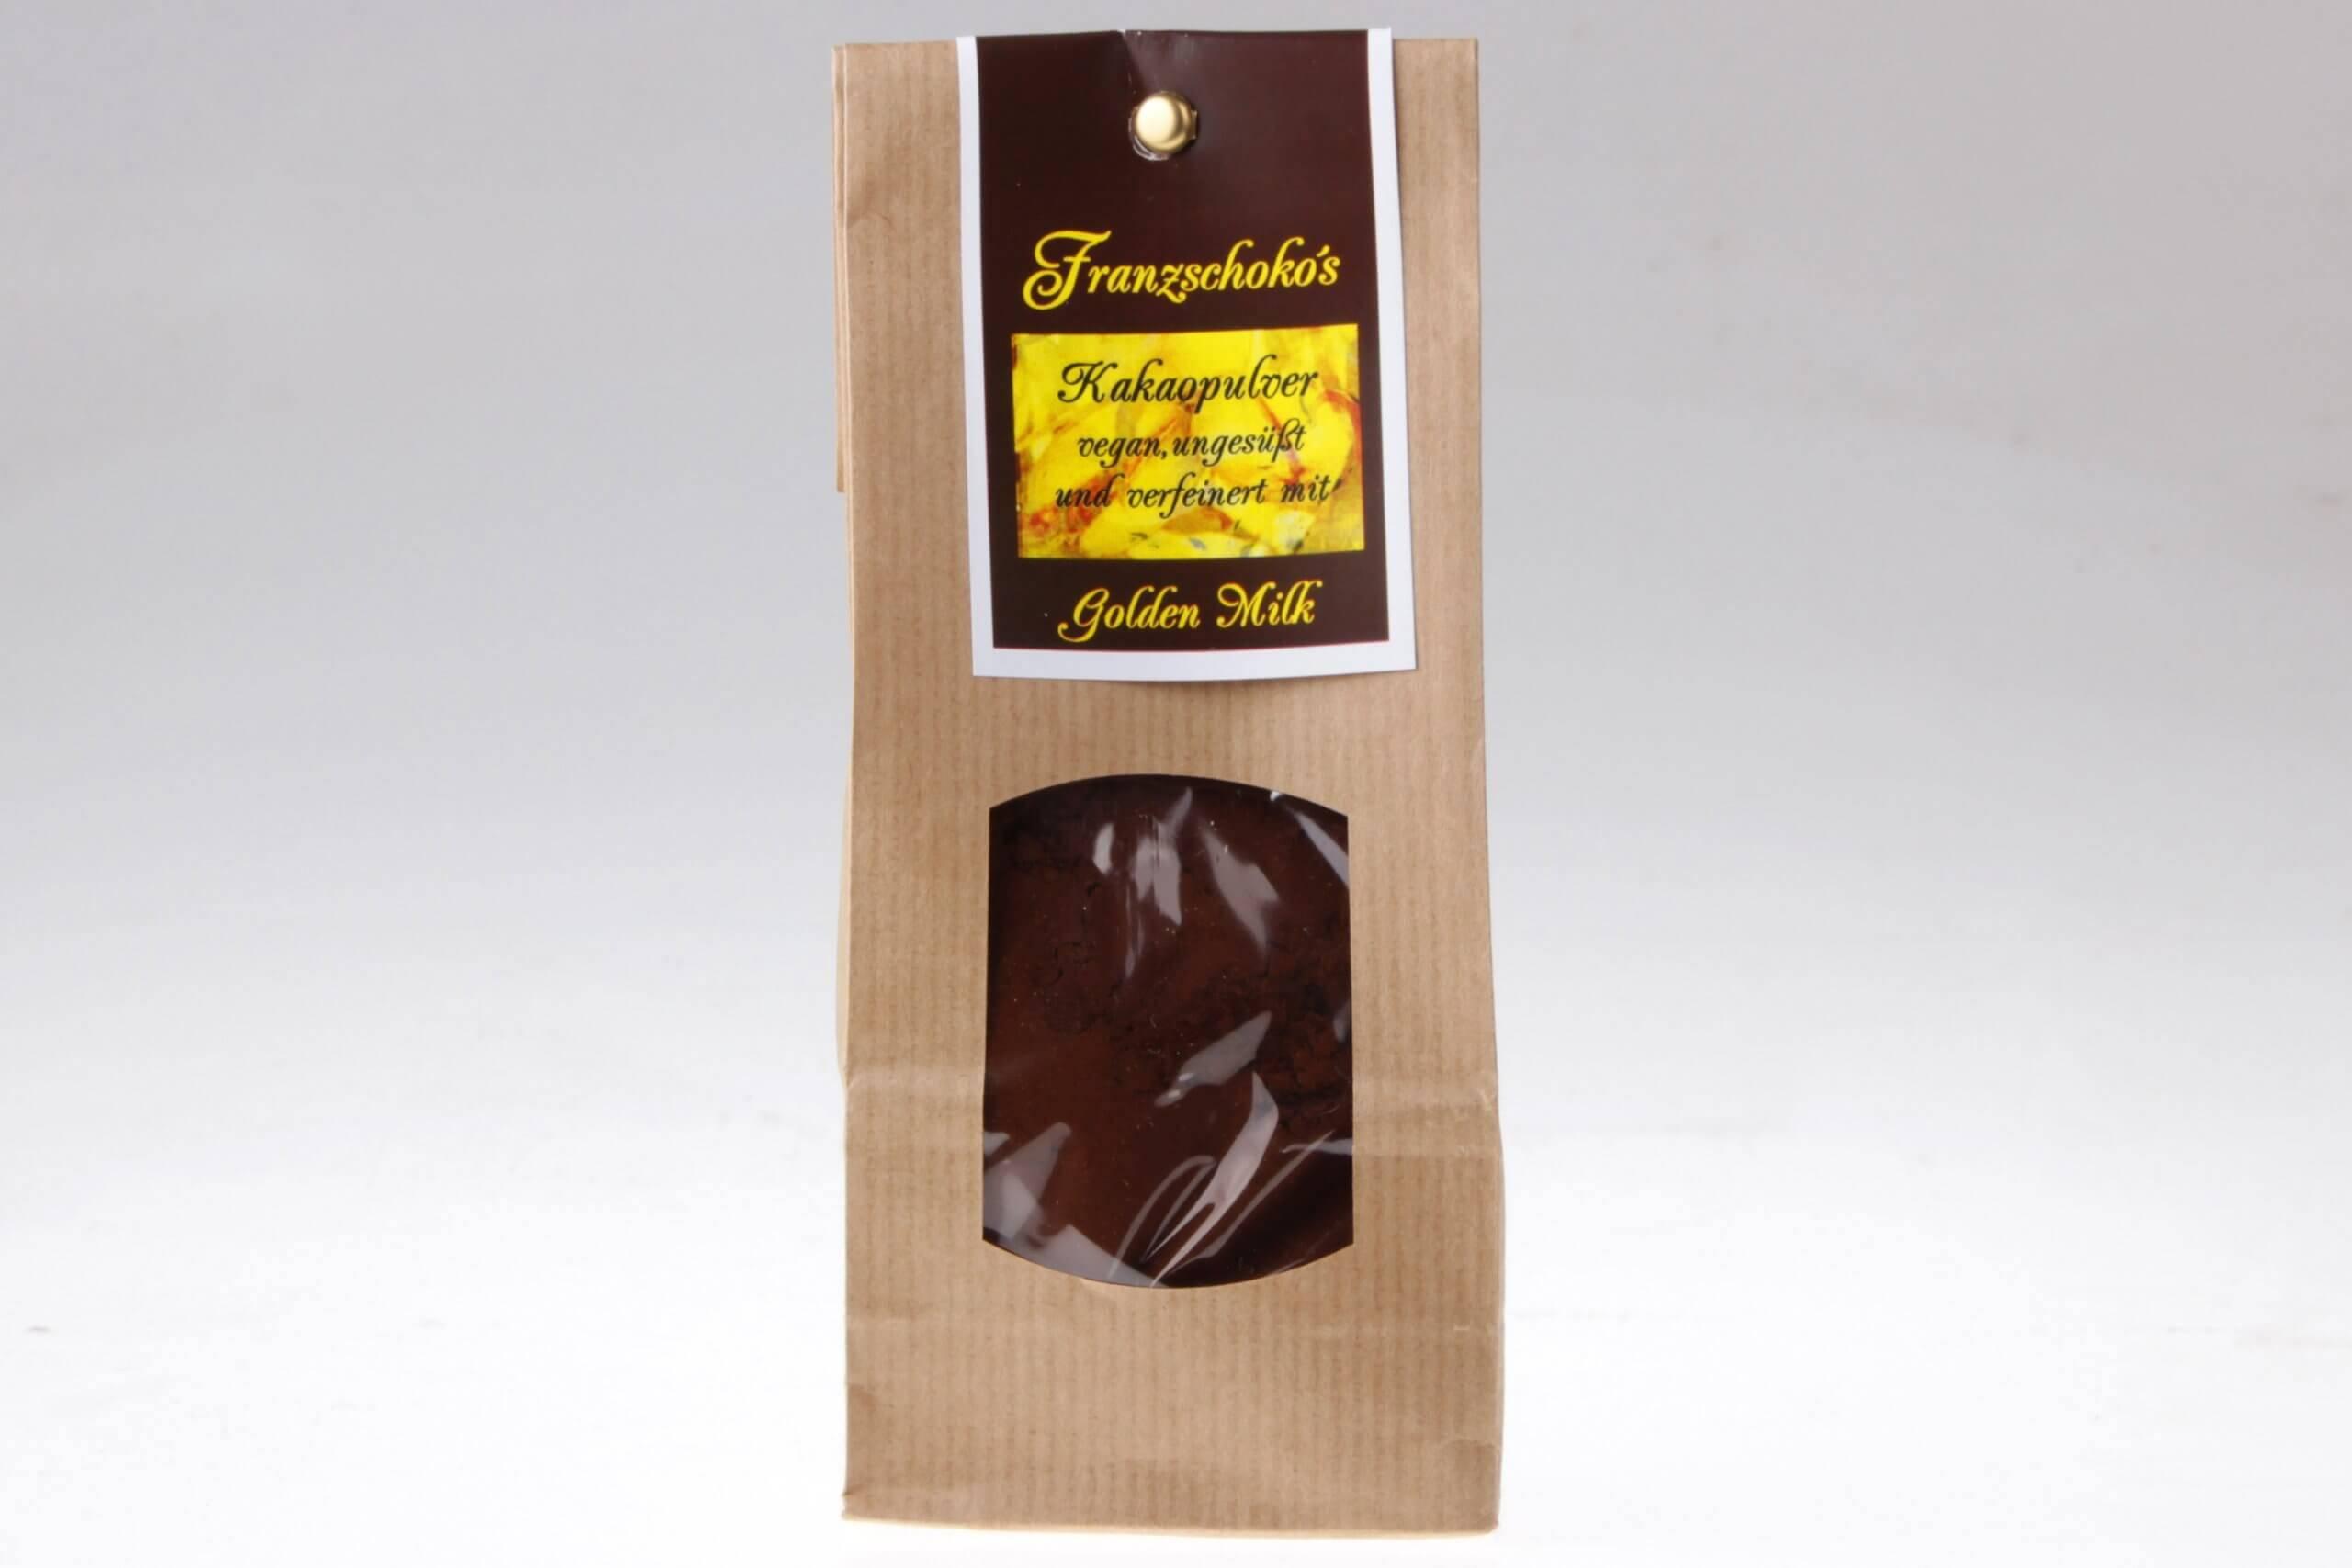 Kakaopulver Golden Milk von feinjemacht